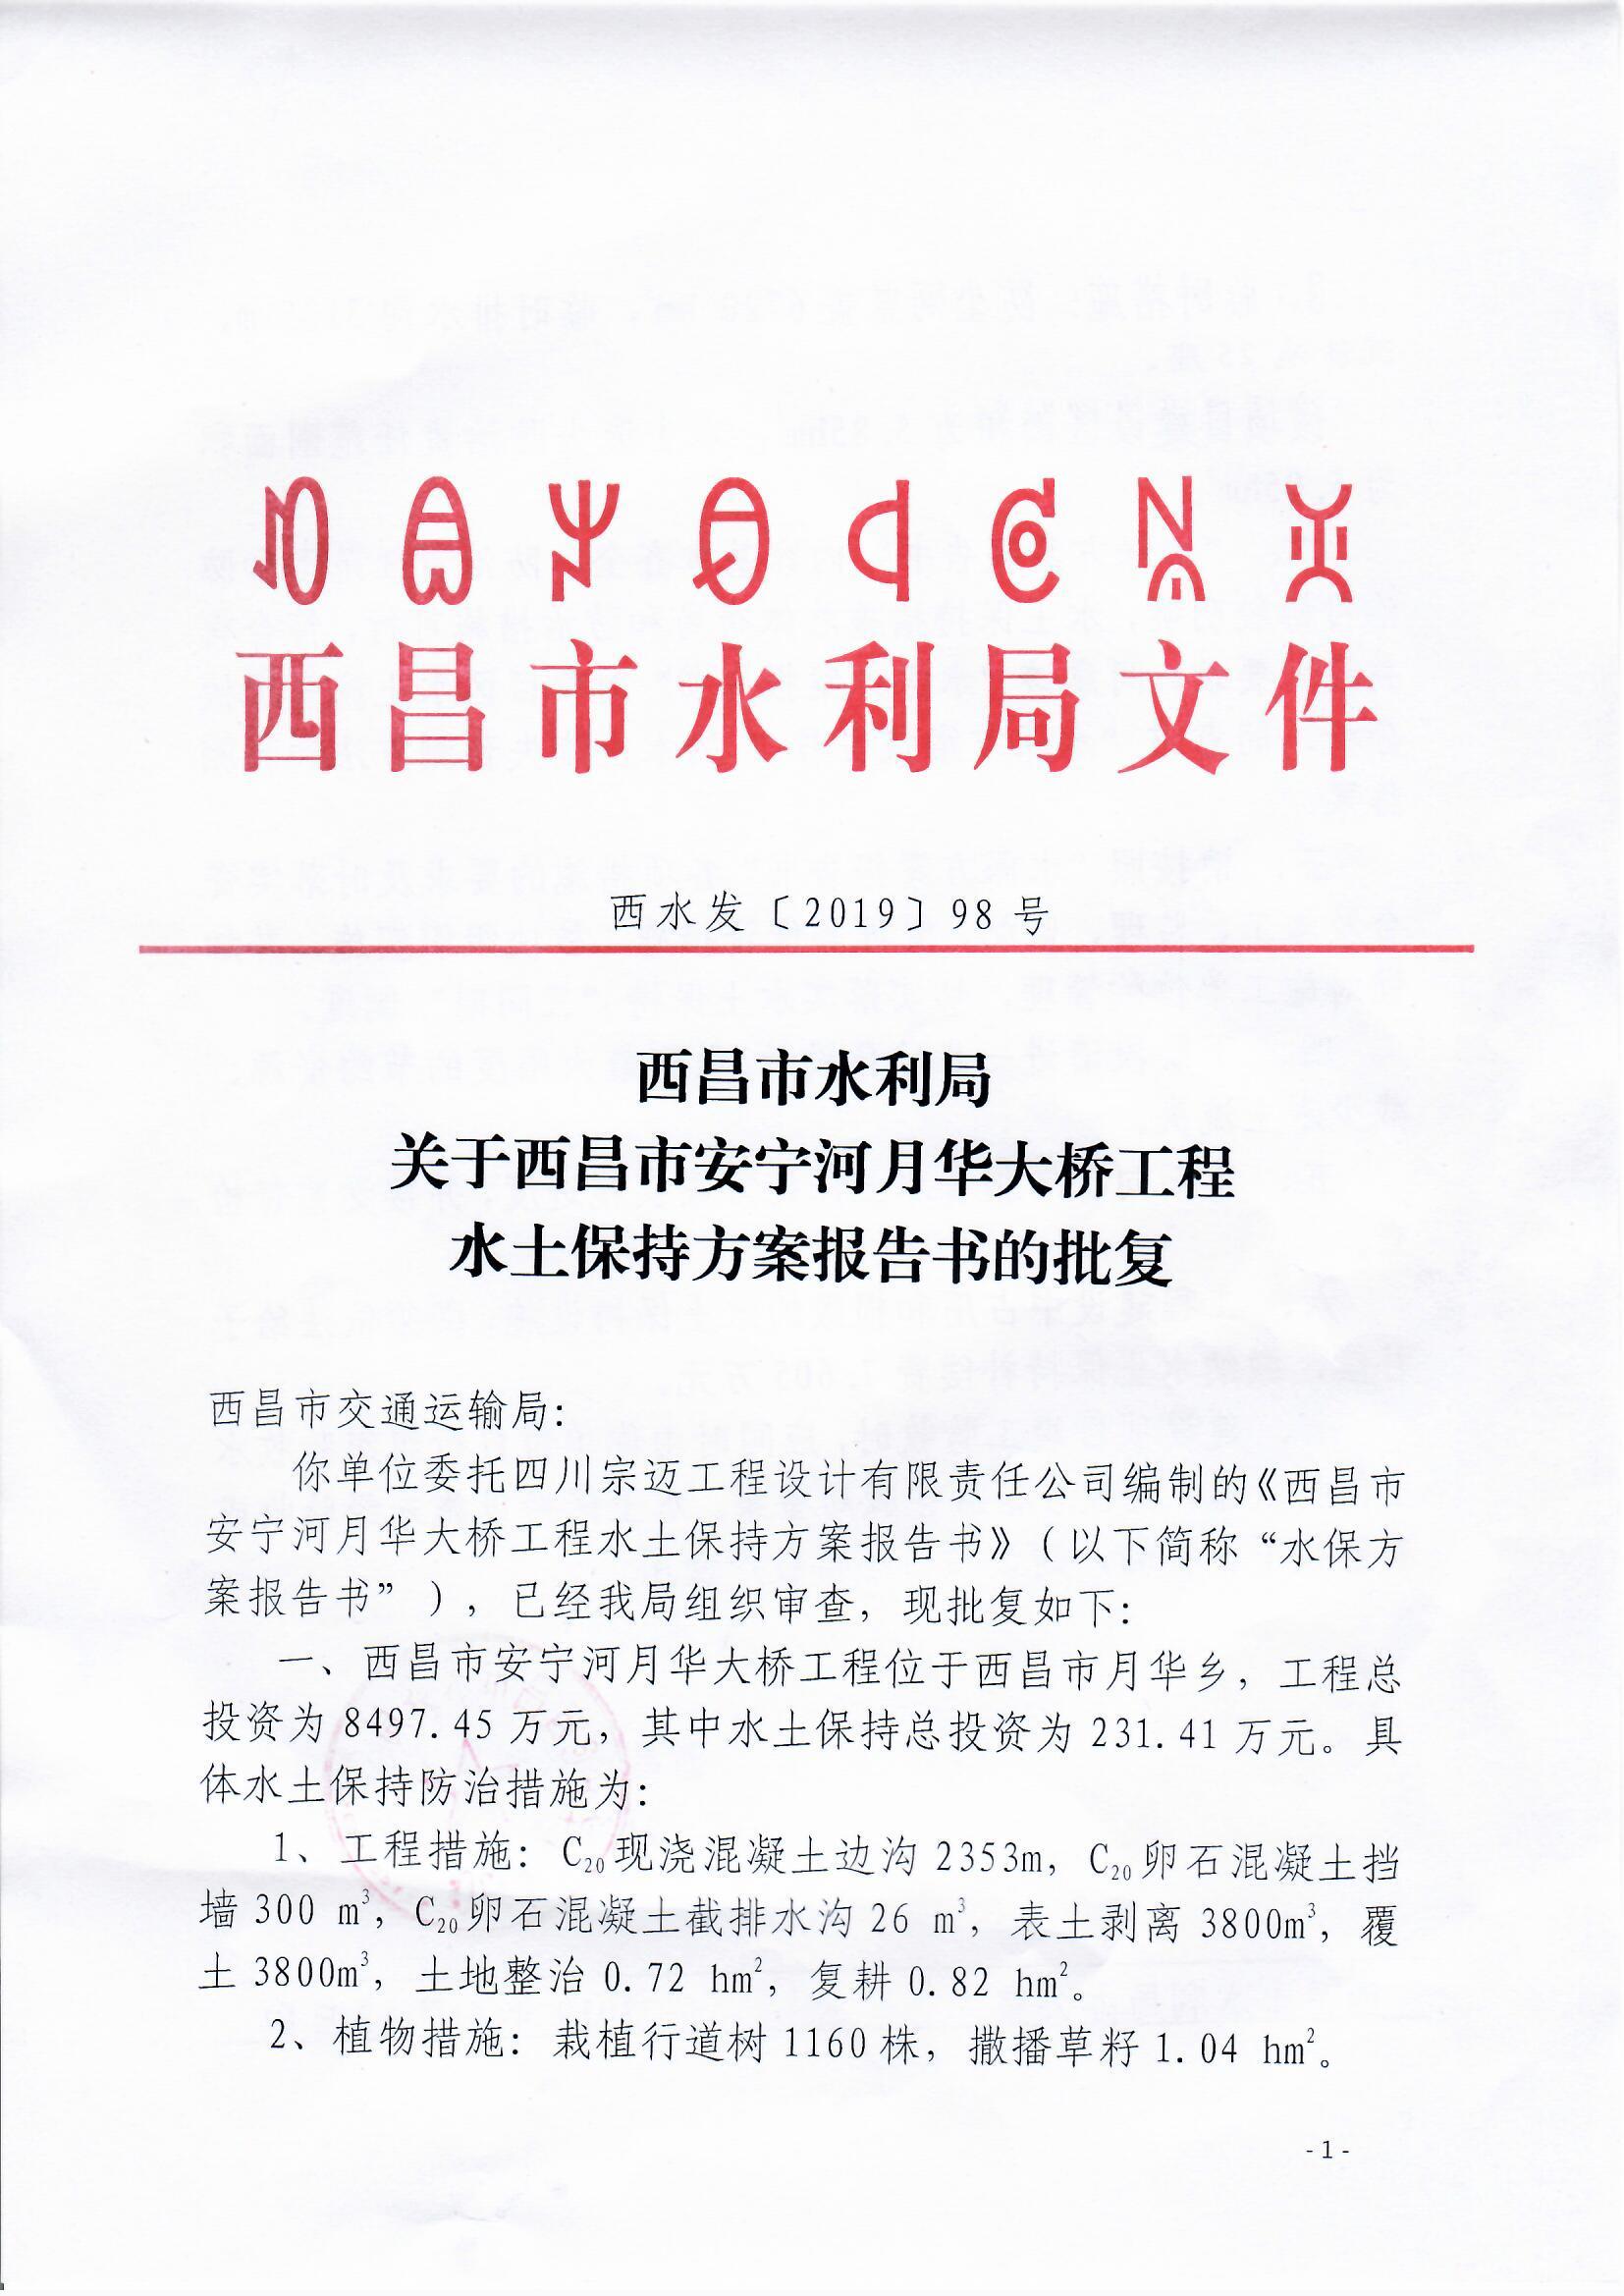 西昌市安宁河月华大桥工程水保批复 西水发【2019】98号_页面_1.jpg